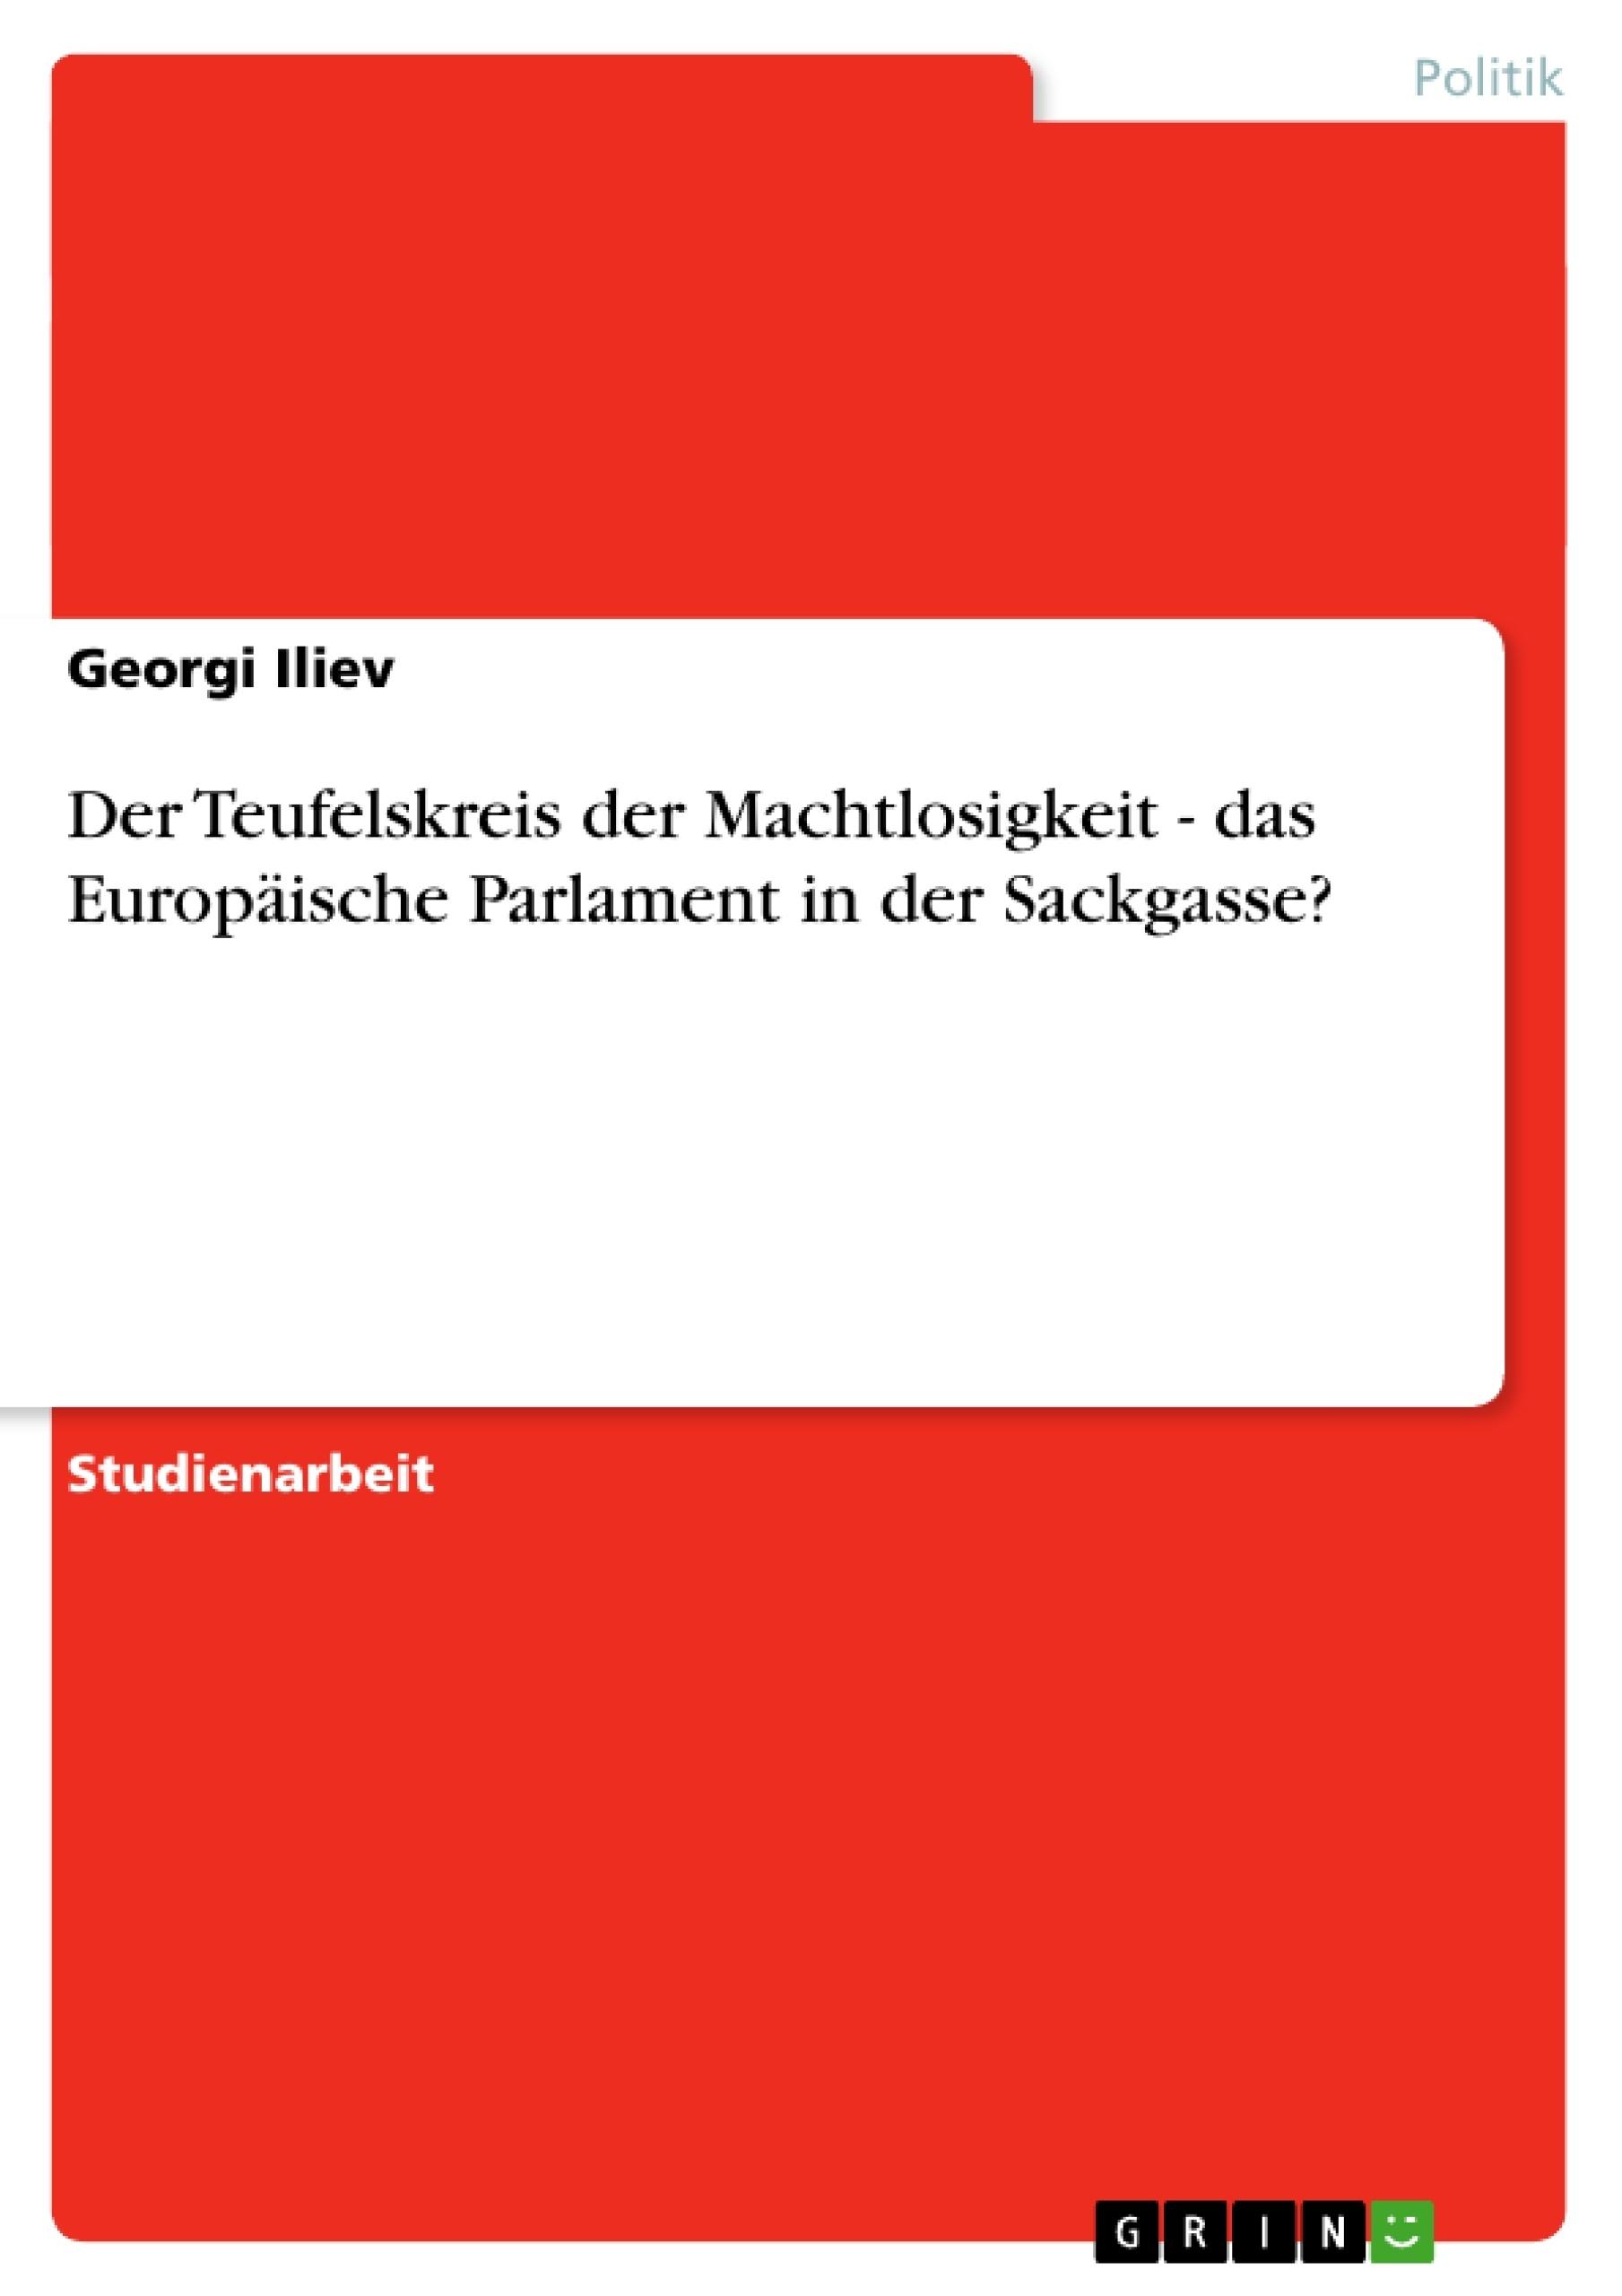 Titel: Der Teufelskreis der Machtlosigkeit - das Europäische Parlament in der Sackgasse?